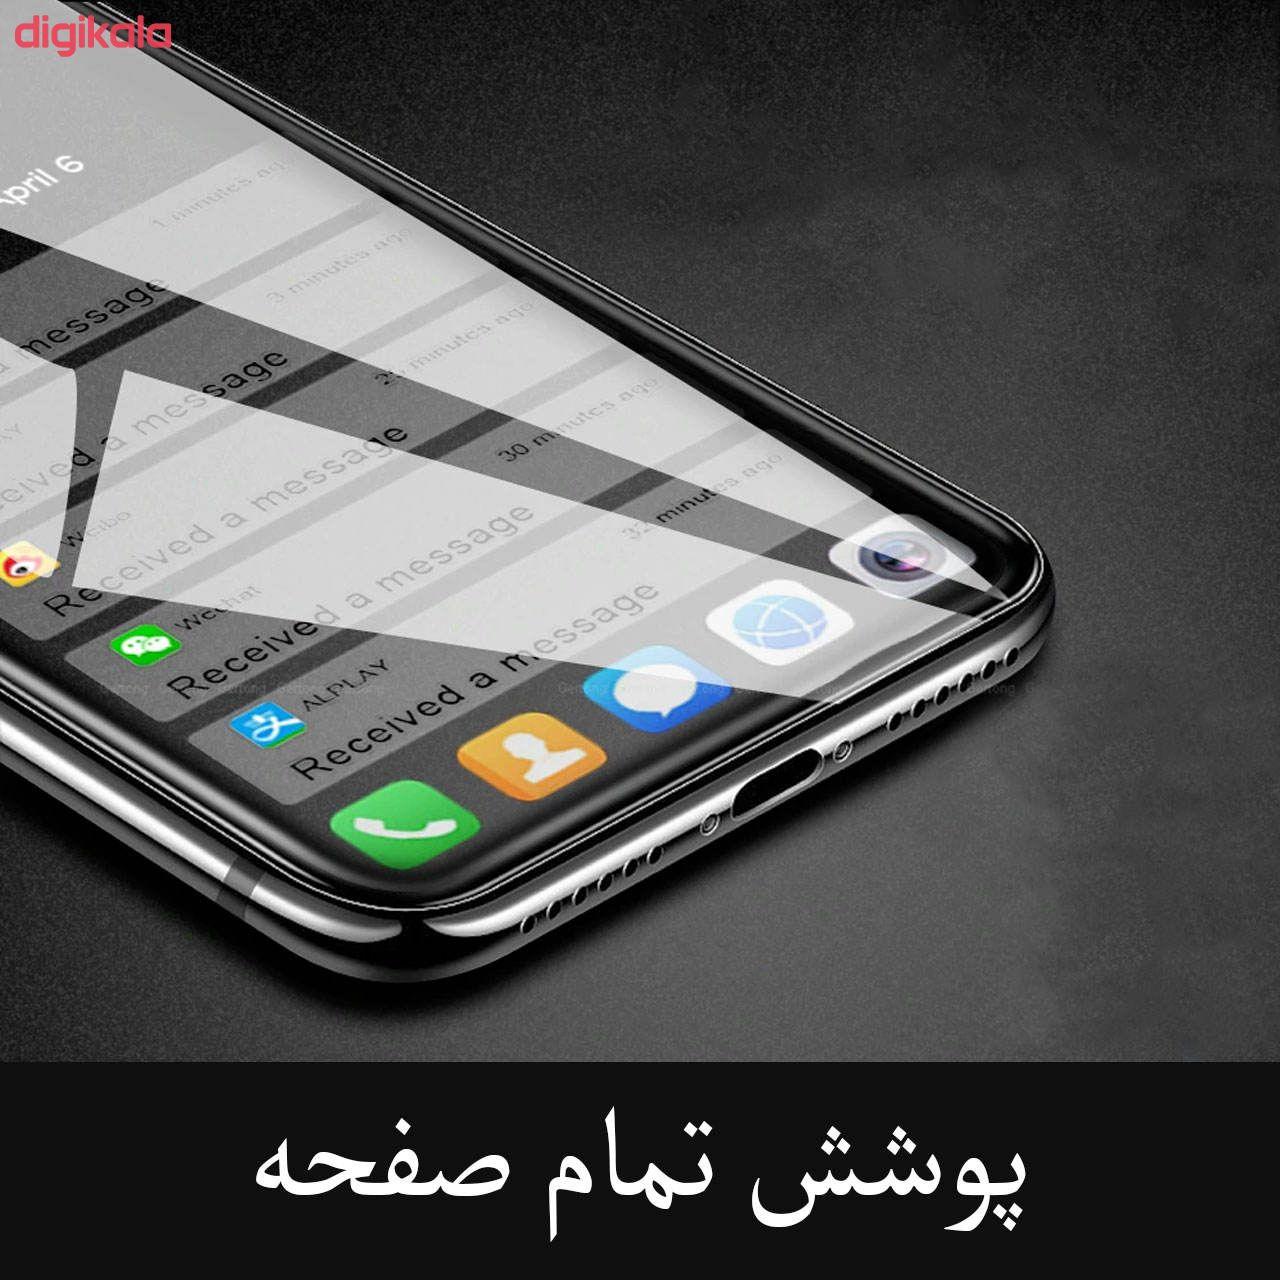 محافظ صفحه نمایش برنارد مدل SDB-01 مناسب برای گوشی موبایل سامسونگ Galaxy J2 2015 main 1 11